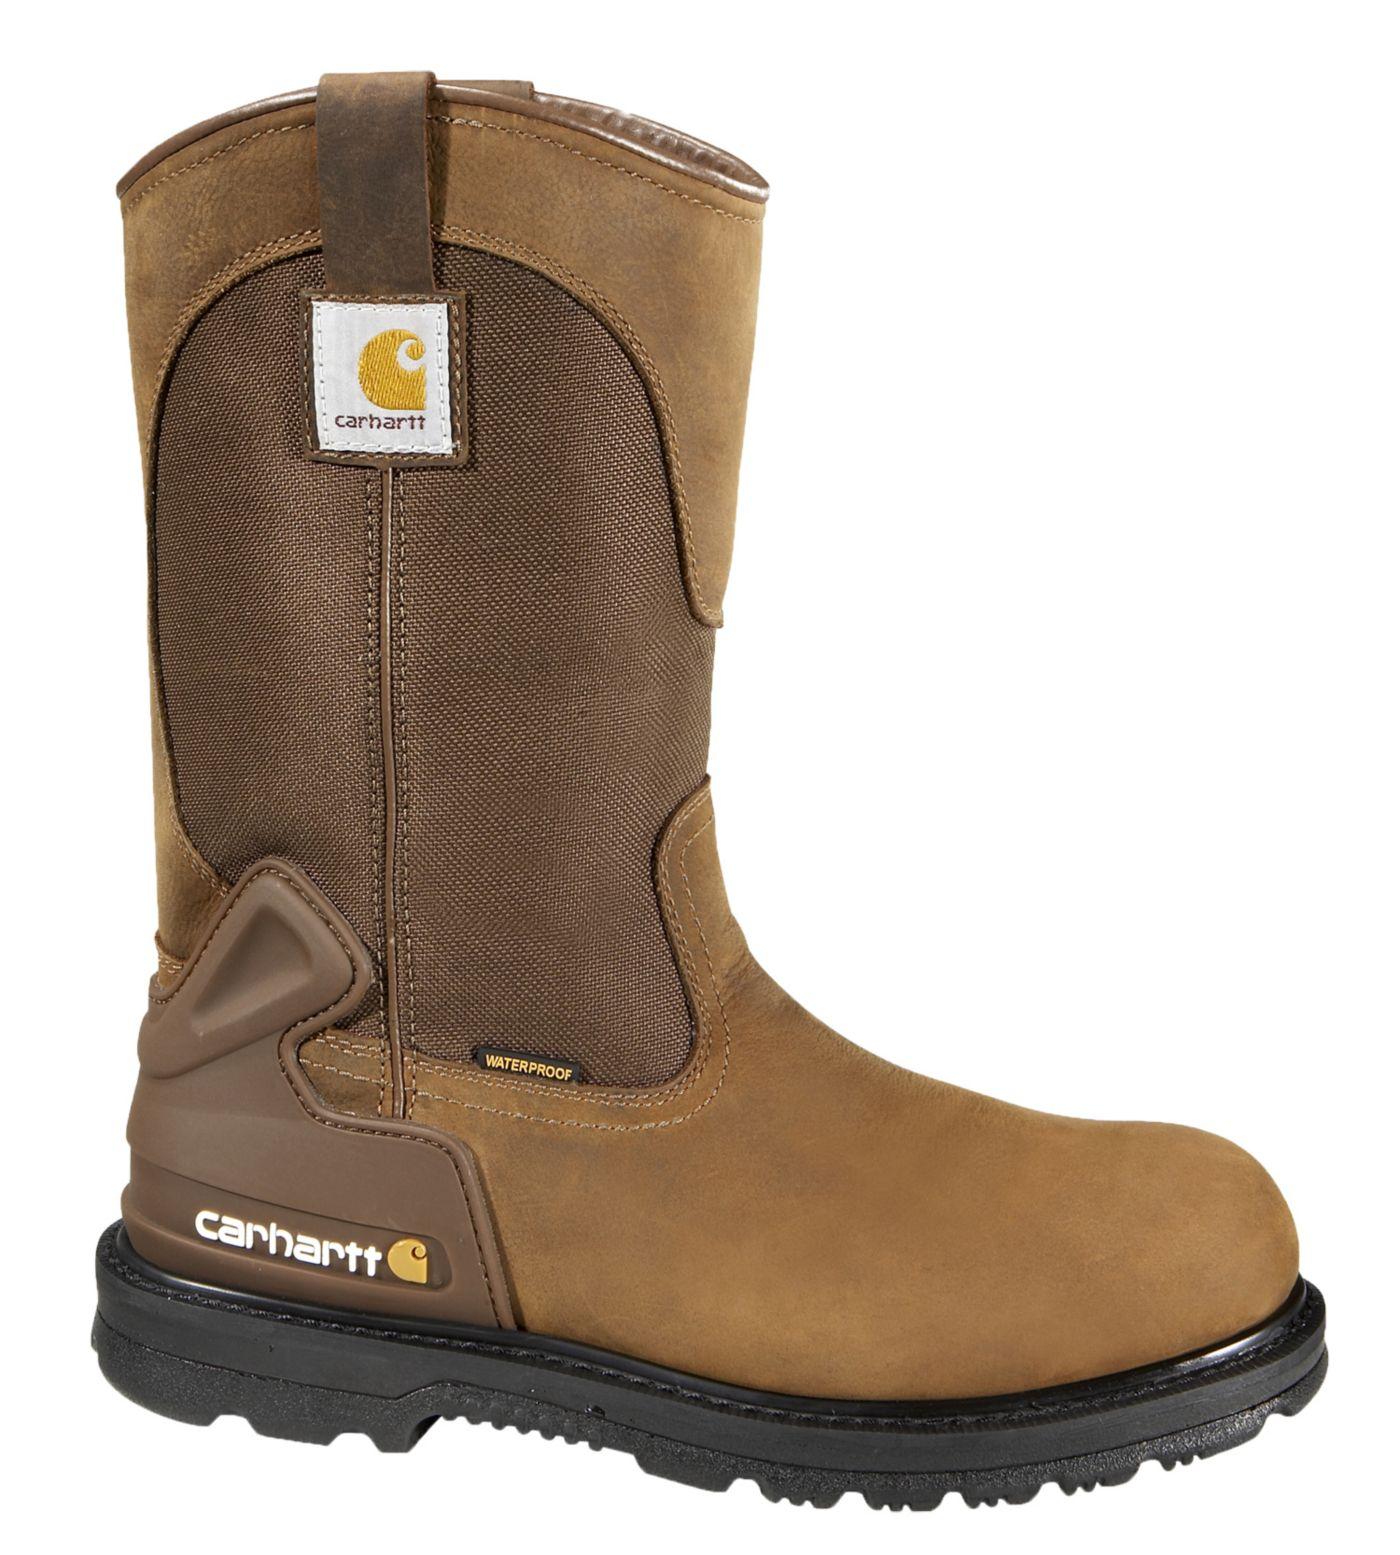 Carhartt Men's Bison 11'' Waterproof Work Boots